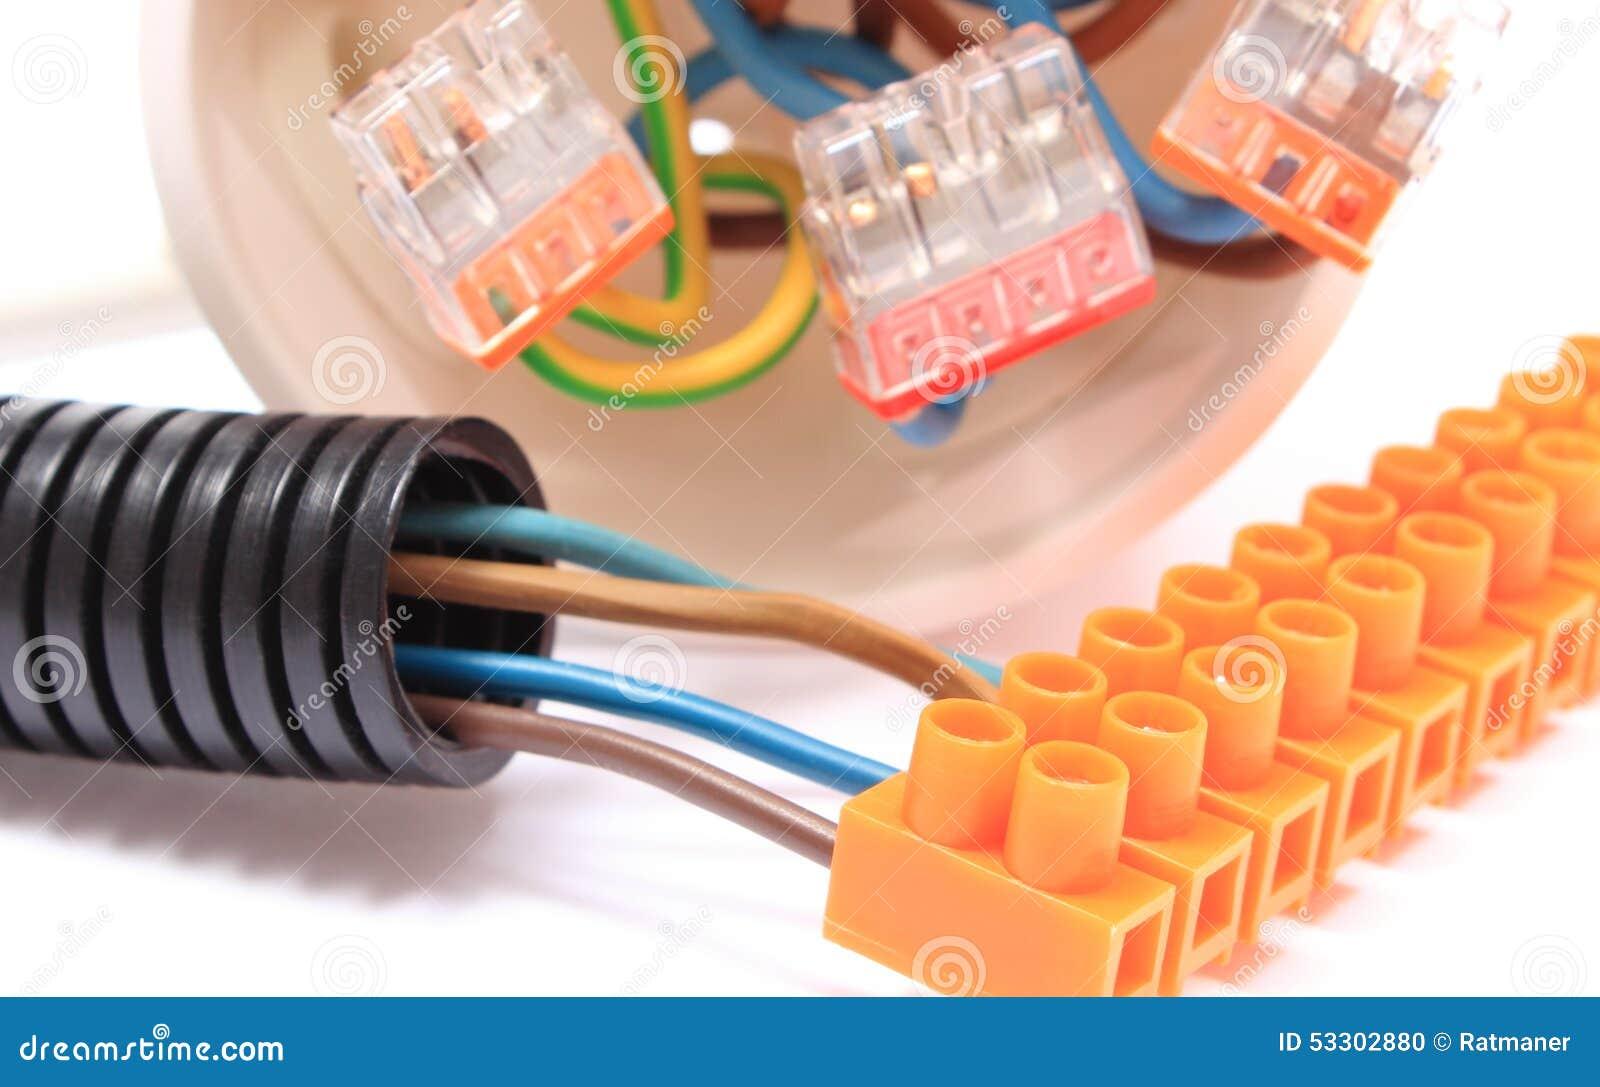 Gewölbtes Rohr, Kabel Mit Verbindungsstück, Elektrischer Kasten ...